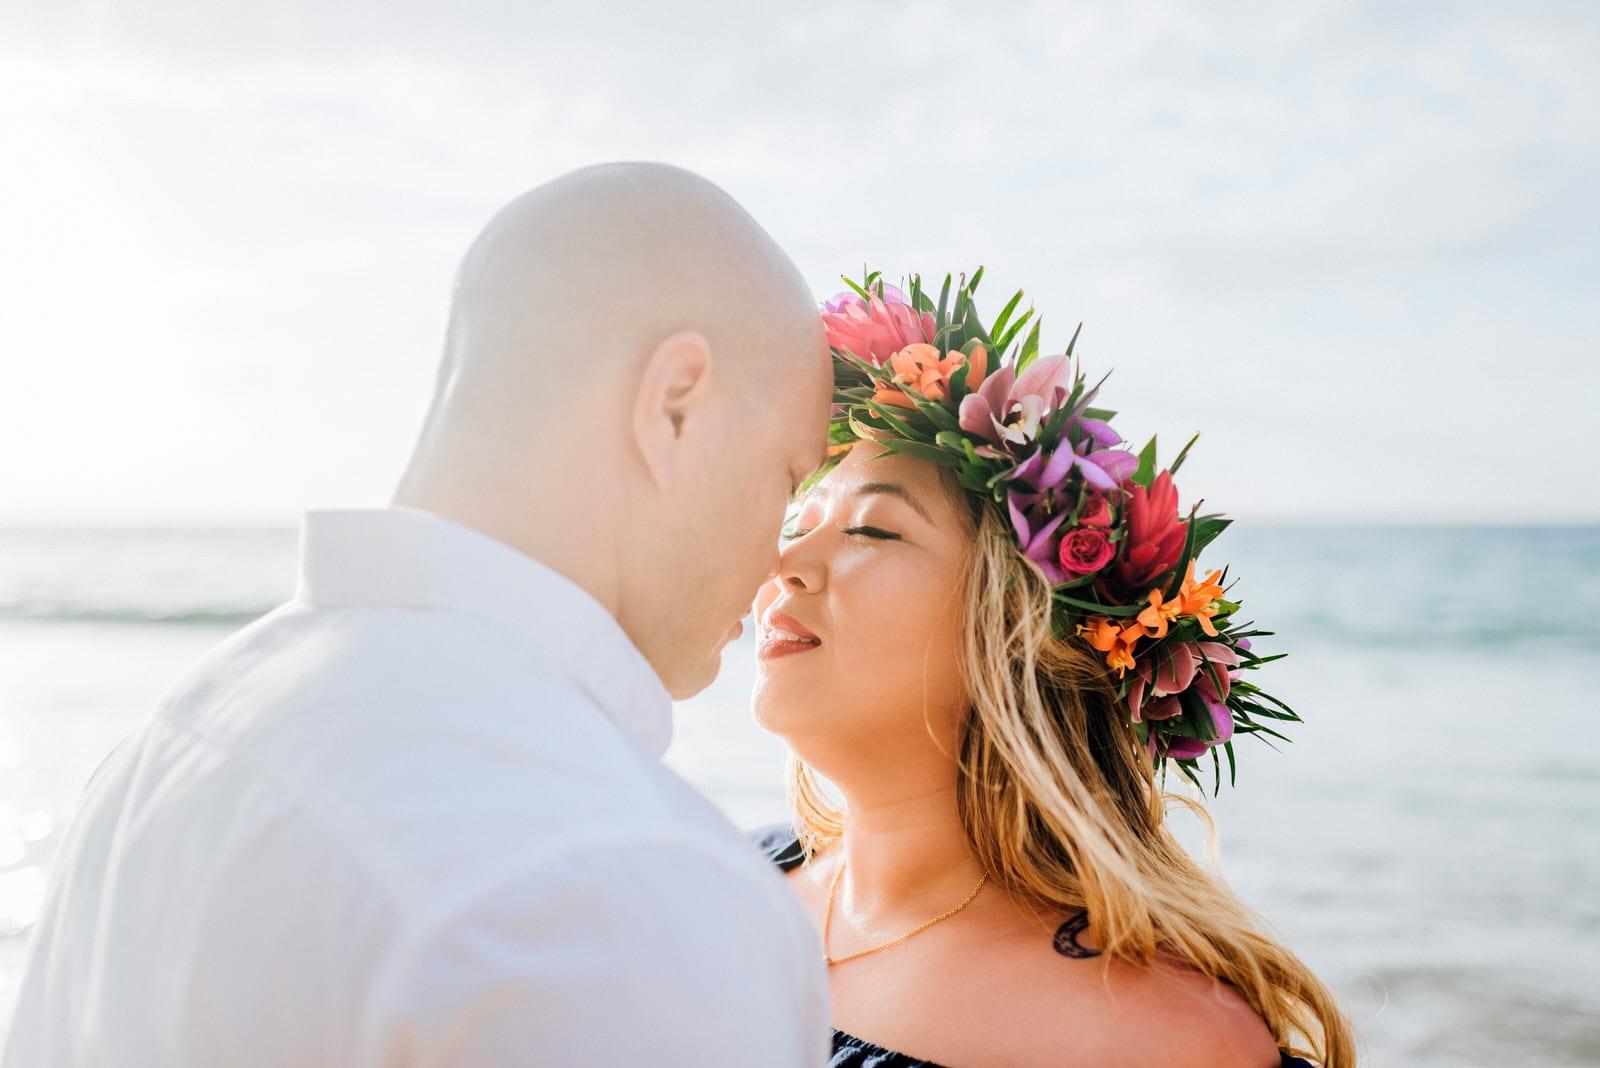 beach-family-photos-hawaii-flower-crown-5.jpg